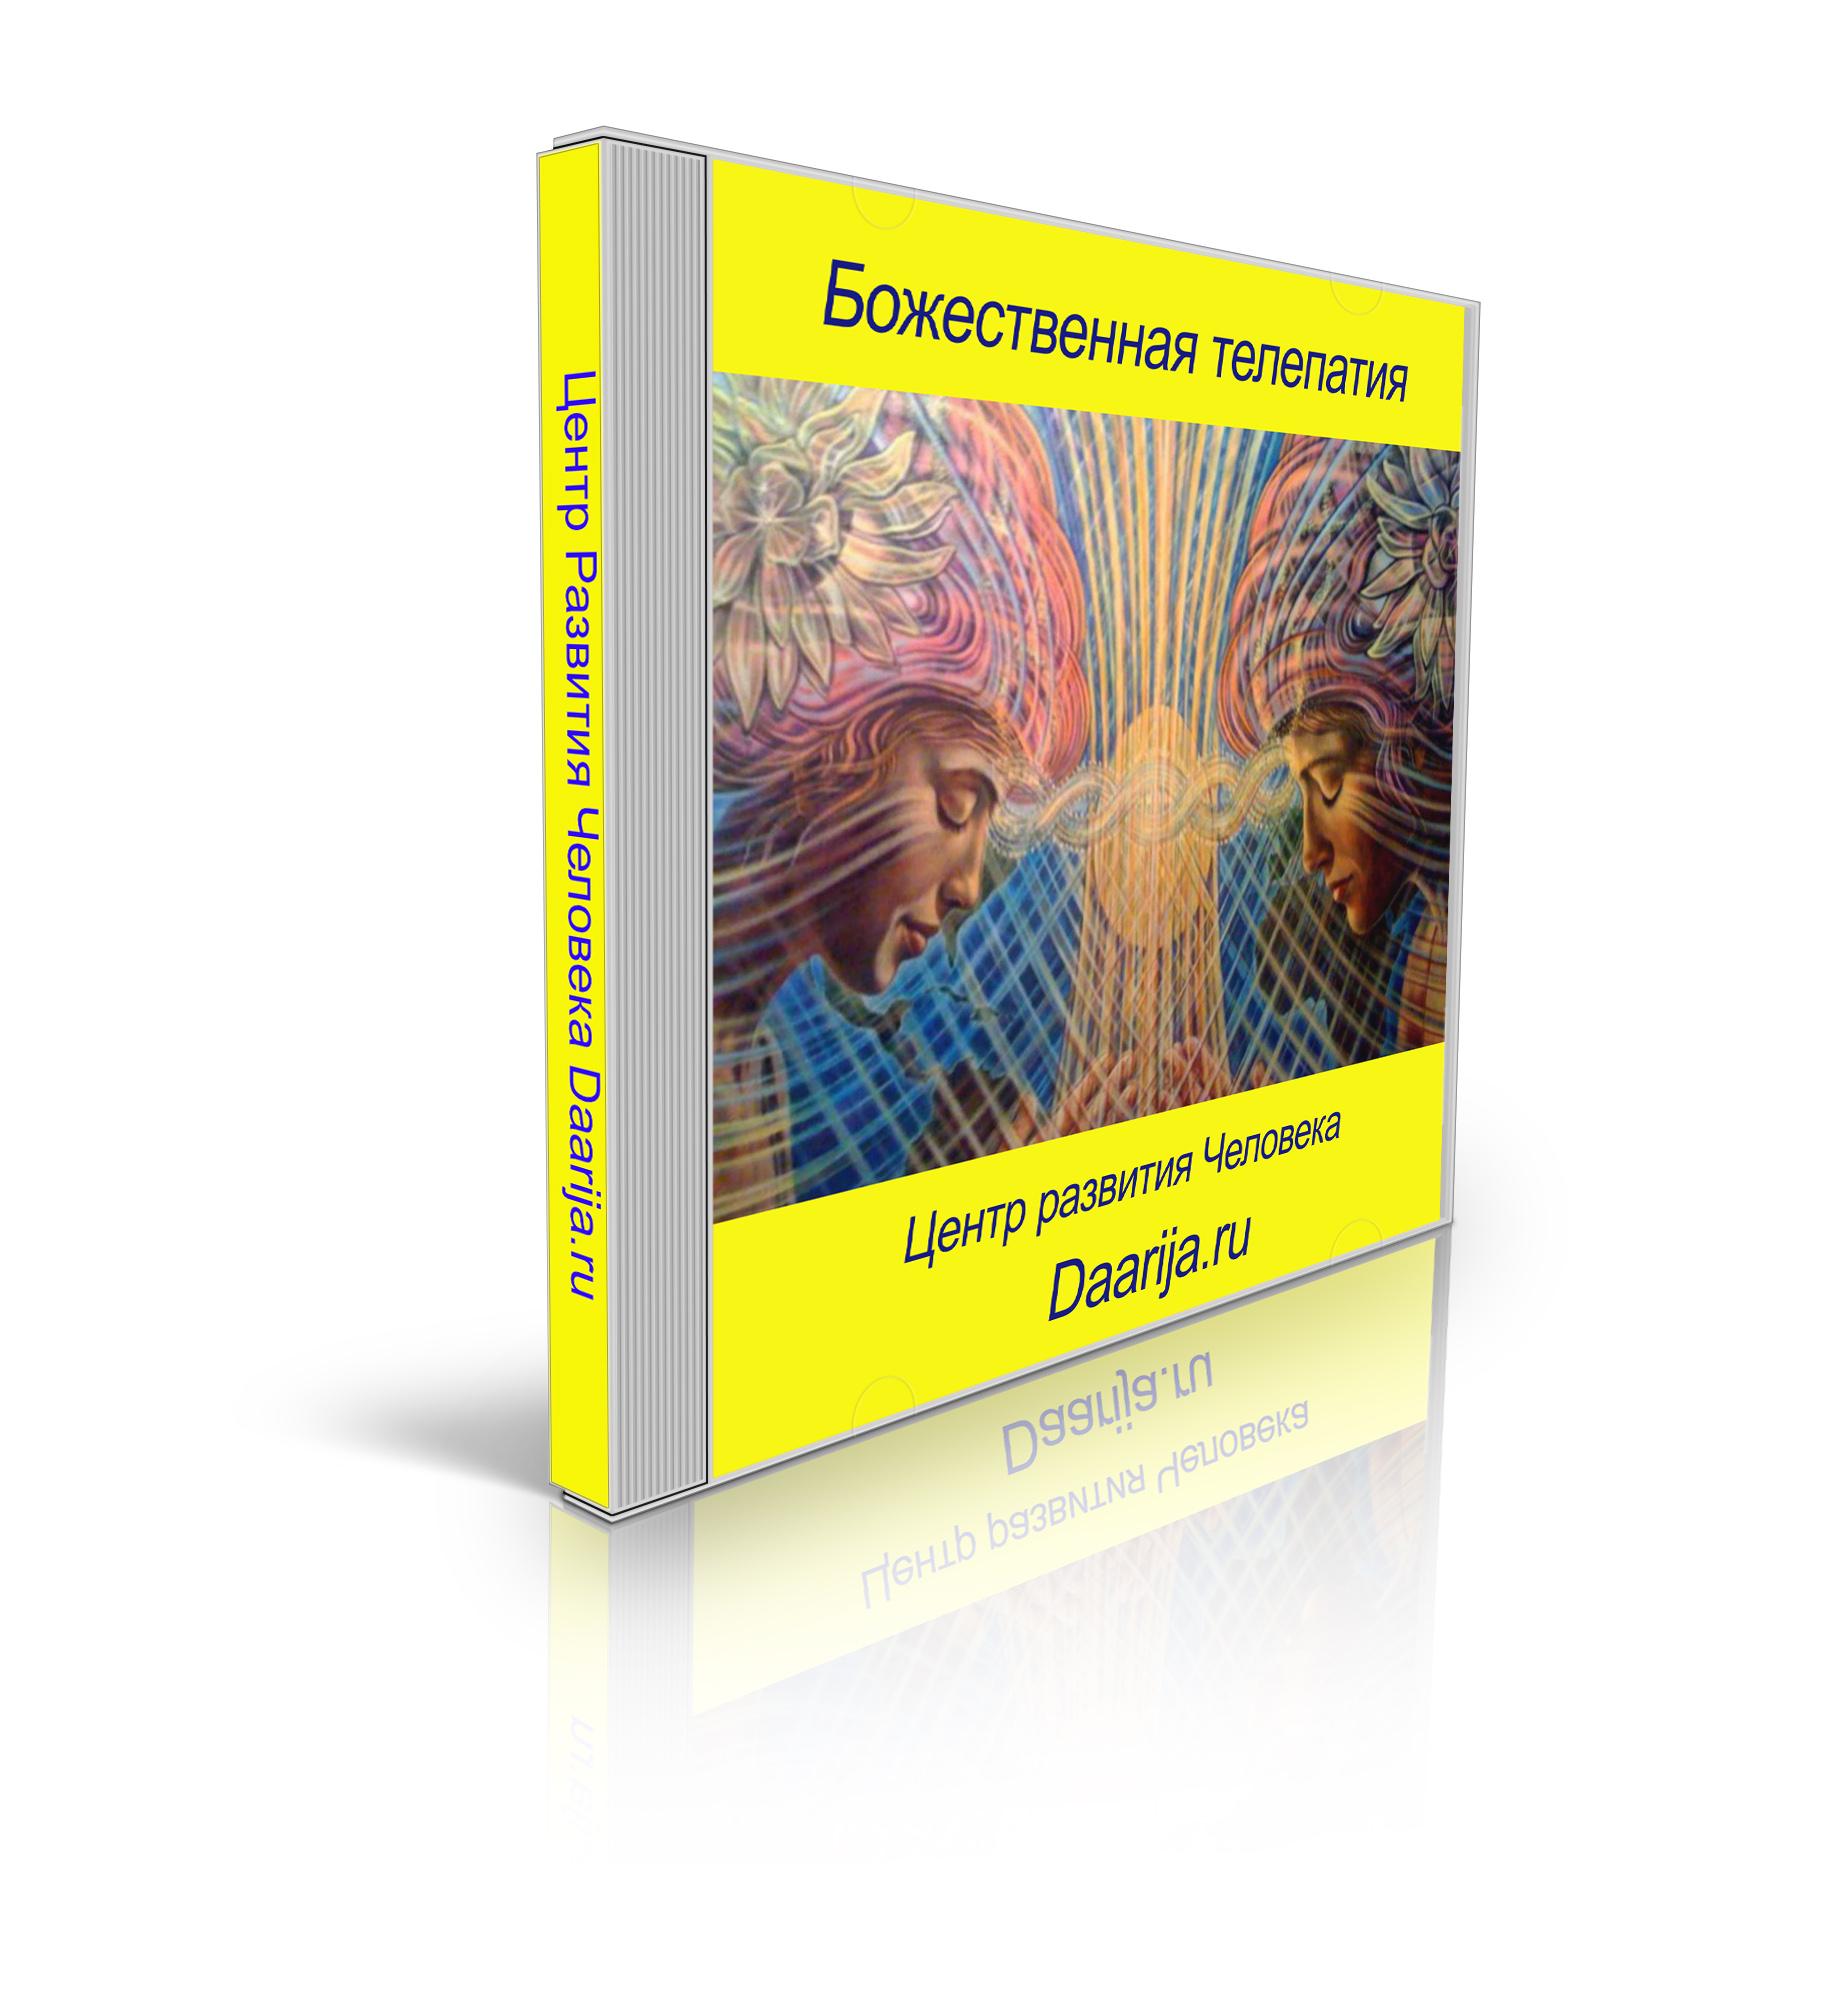 Божественная телепатия (ченнелинг). (Психокоррекционная аудио программа) Версия 2.0